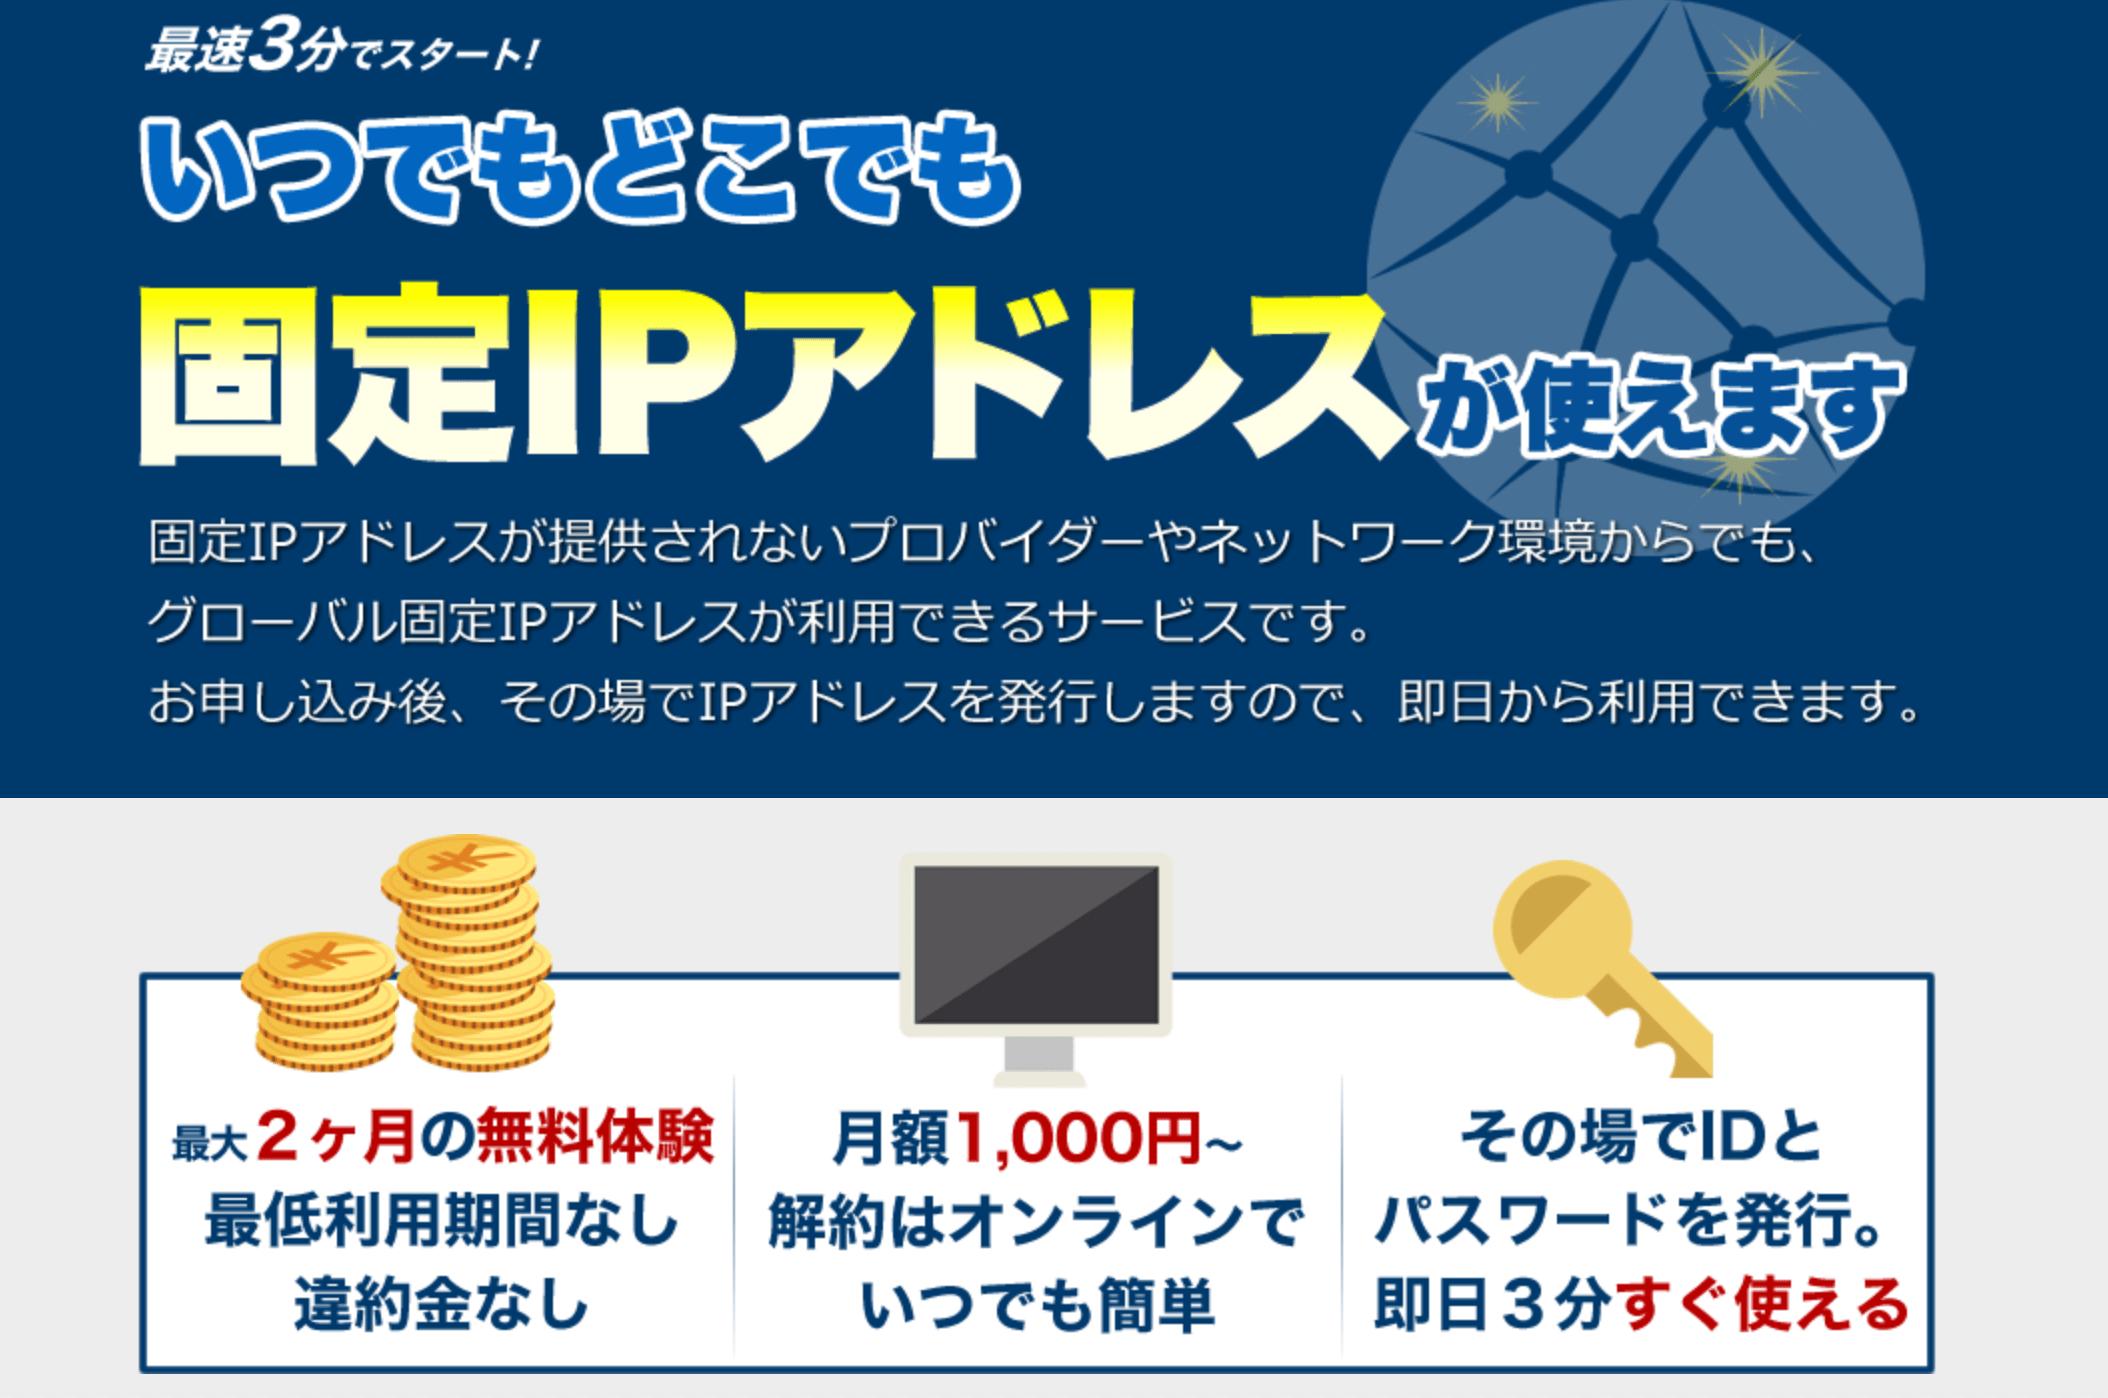 マイIPの公式HP